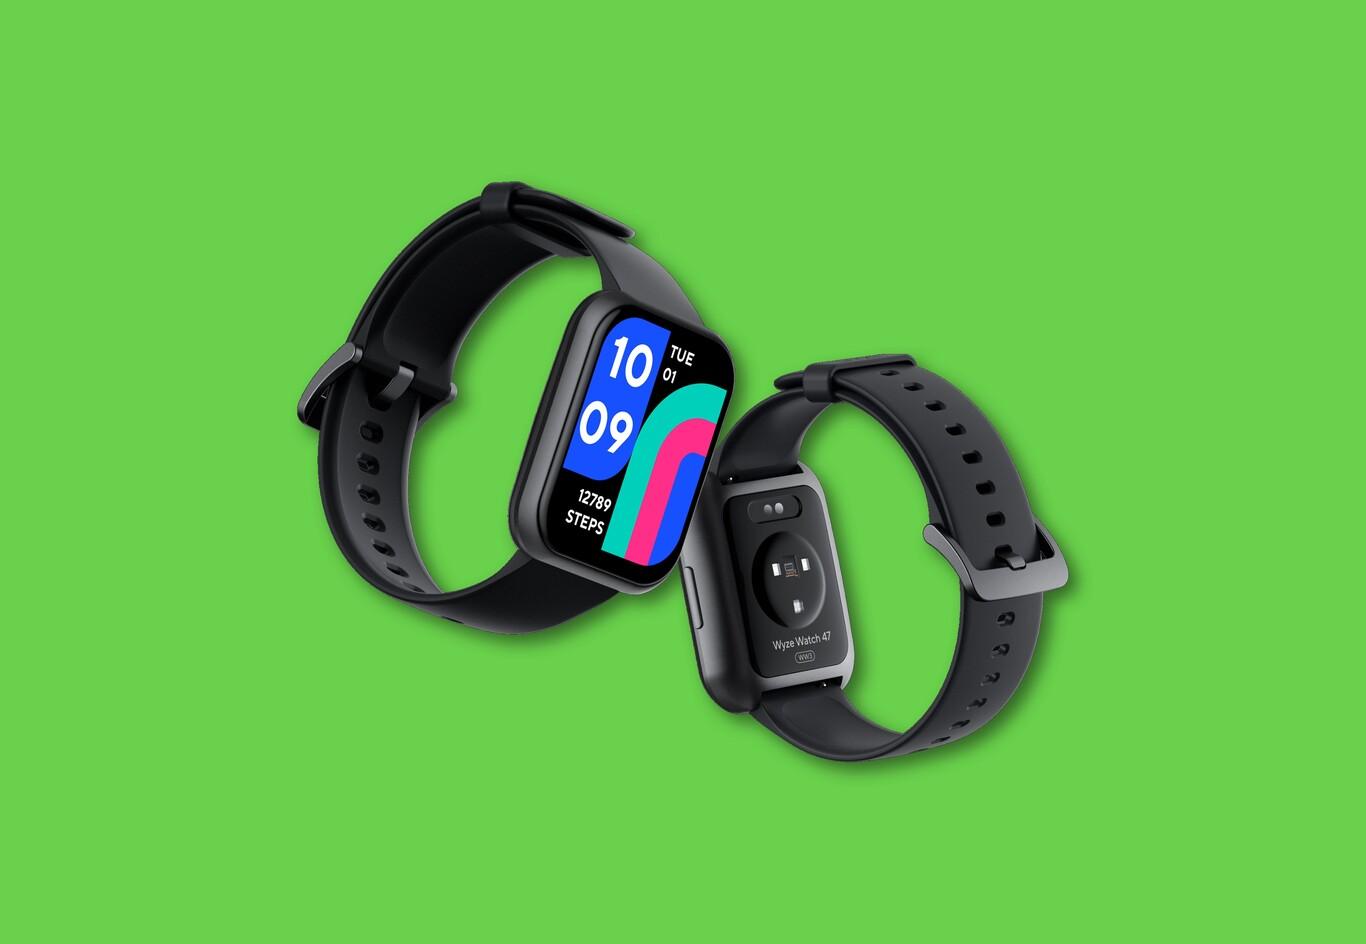 Wyze Watch cuesta sólo 20 dólares, mide oxígeno en sangre, tiene 9 días de autonomía y todo lo que se espera de un smartwatch